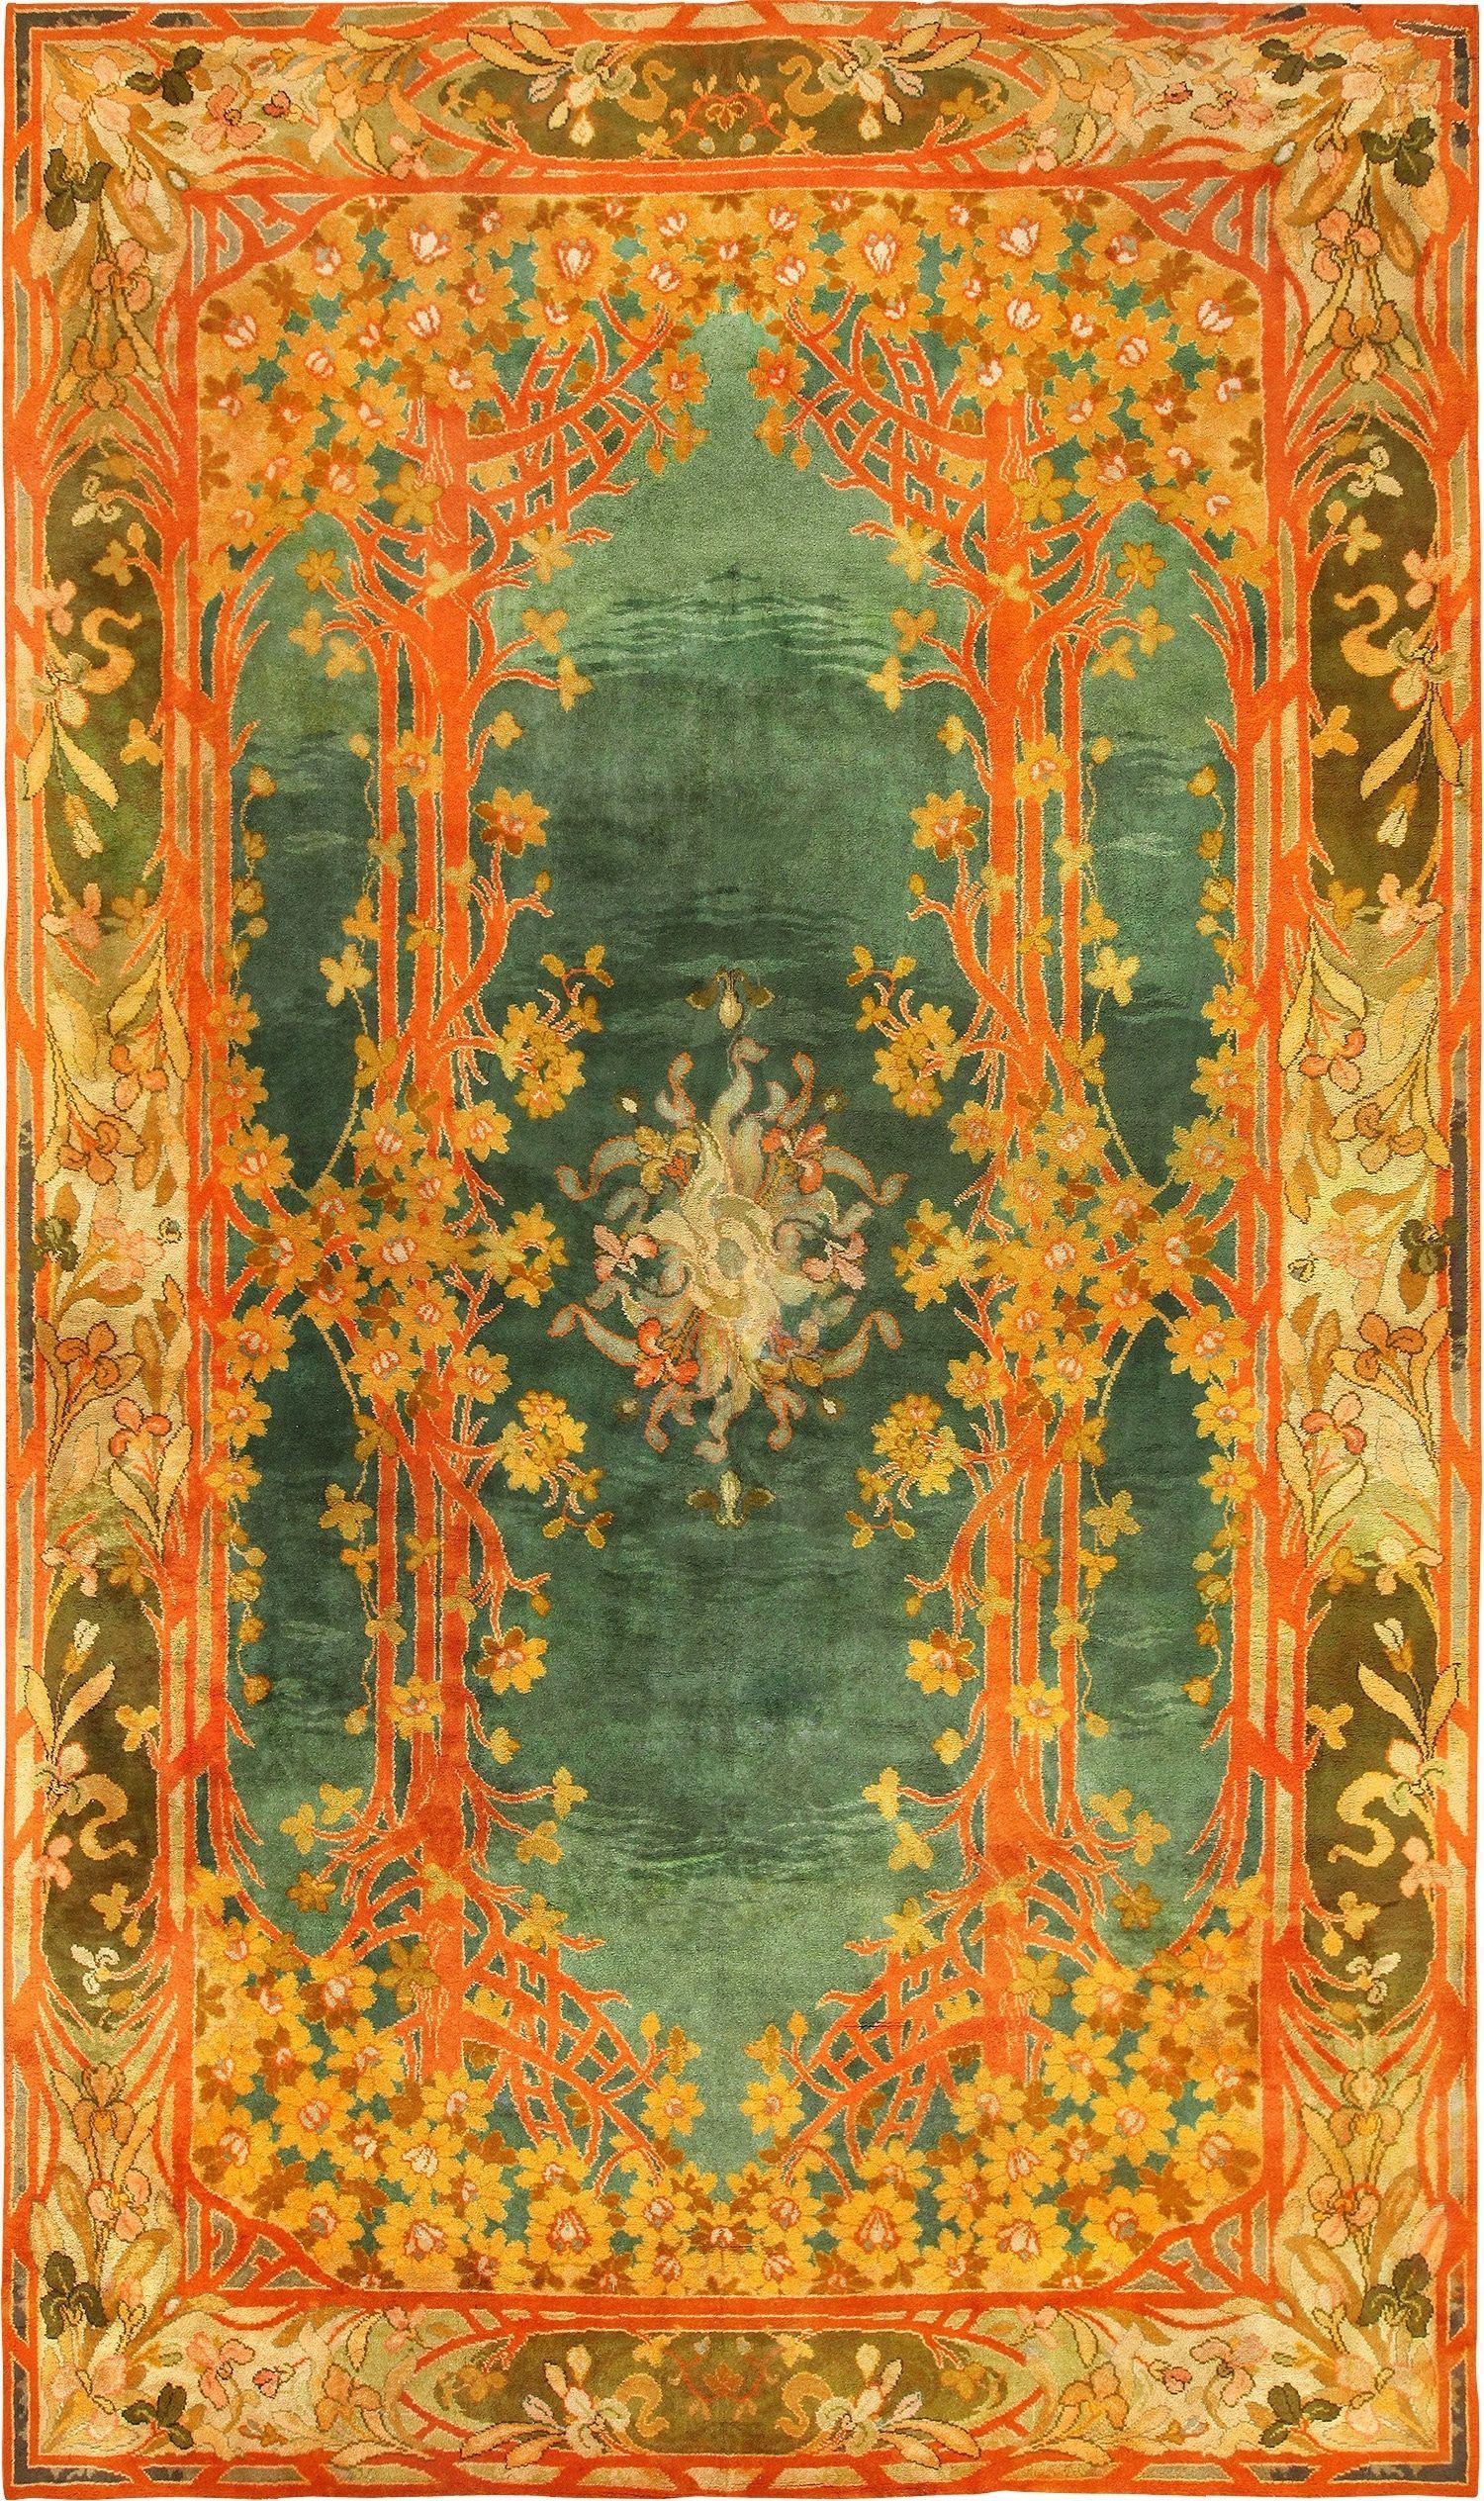 Antique Art Nouveau Irish Donegal Rug